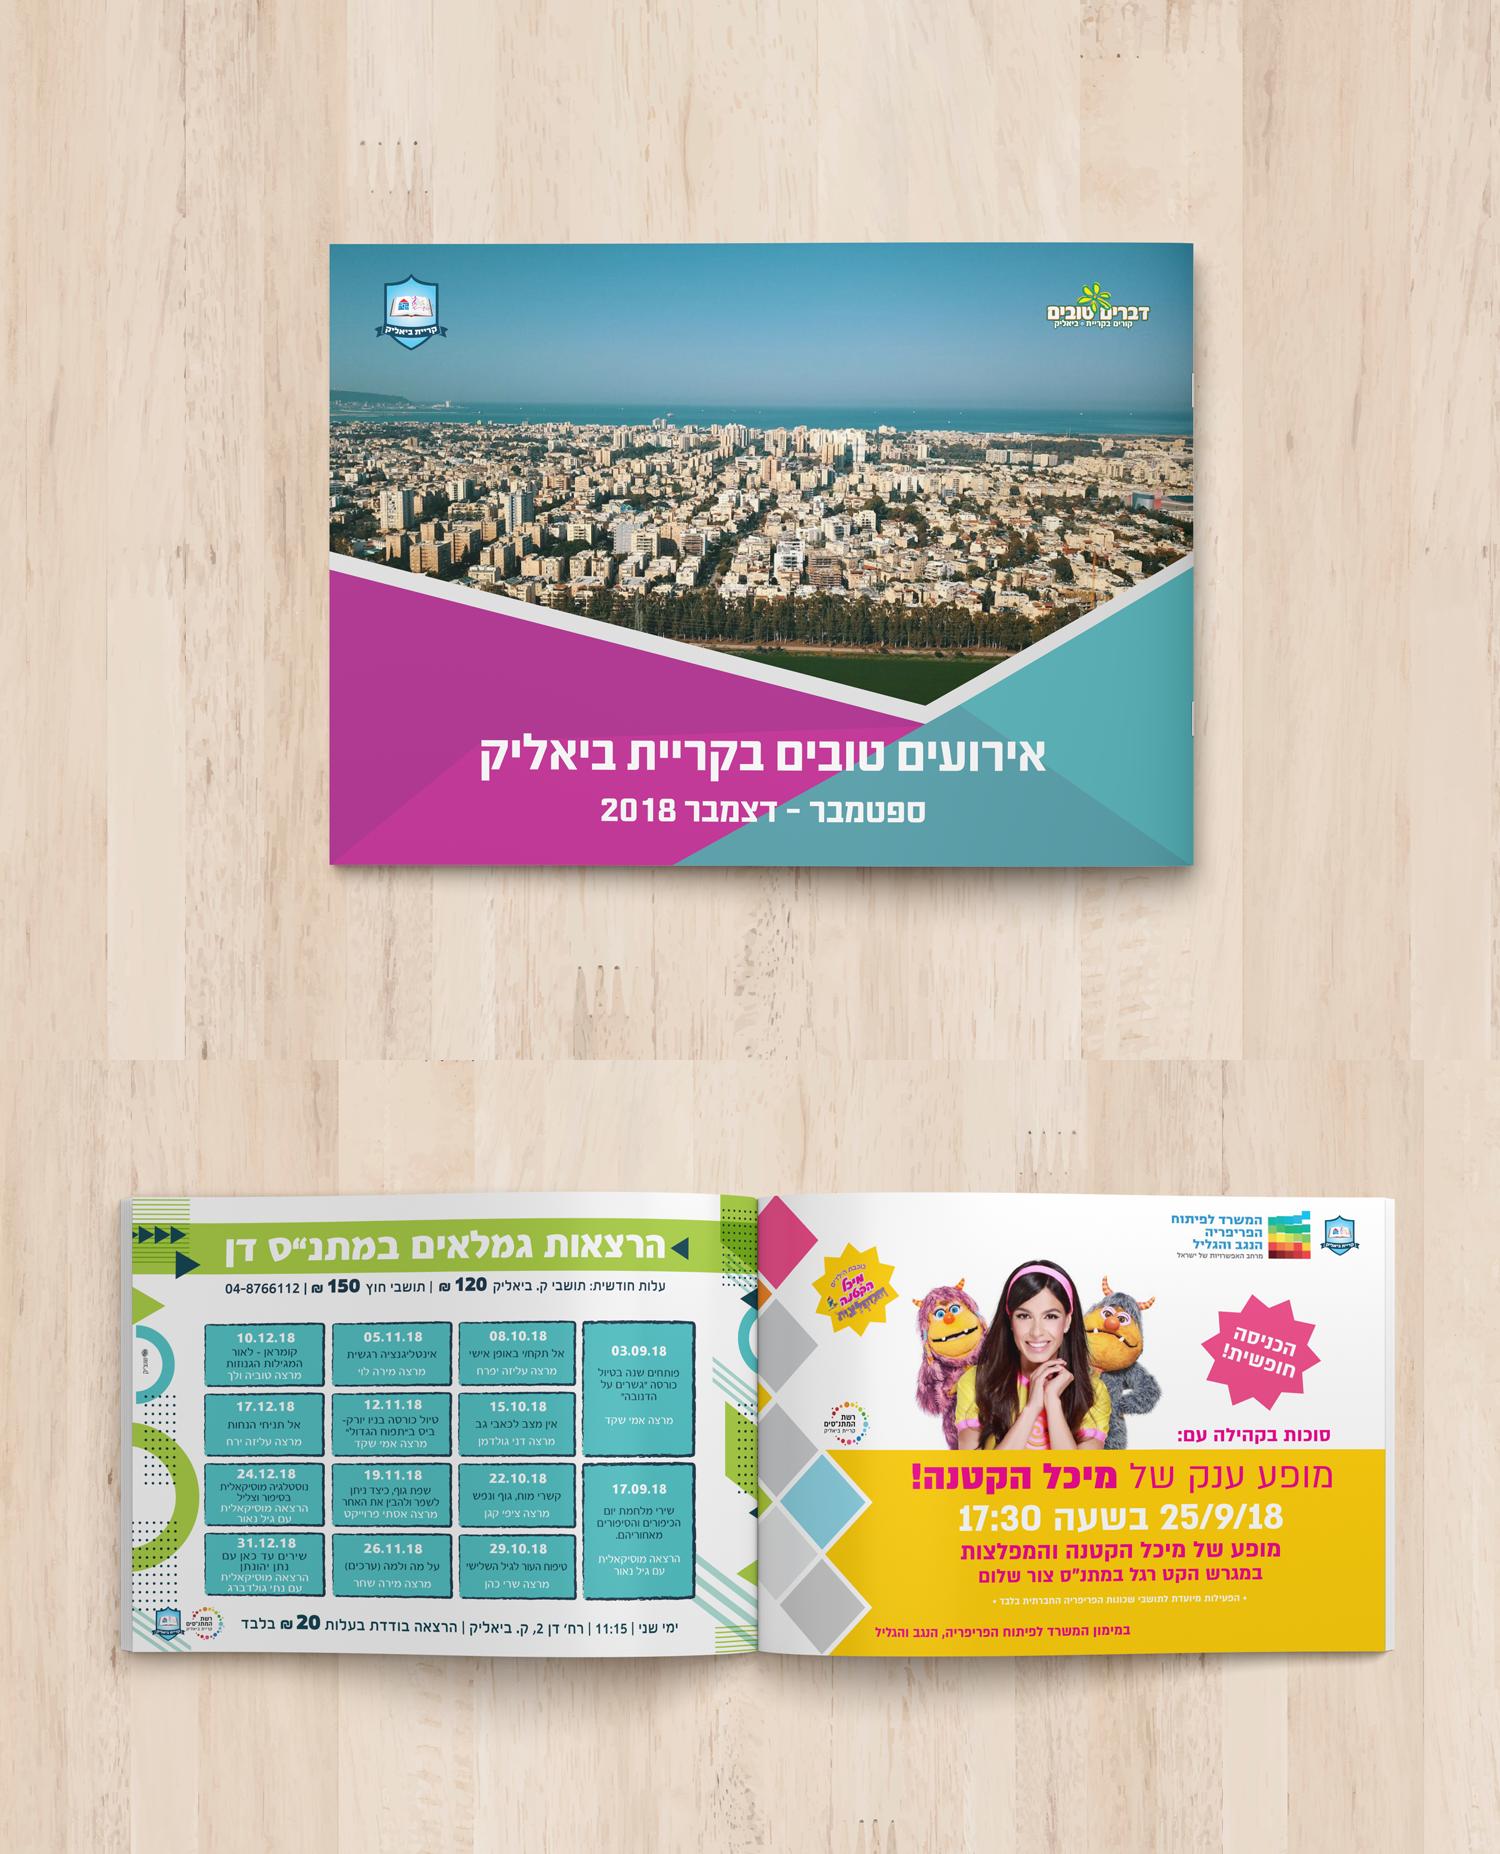 עיצוב חוברת אירועים עבור עיריית קריית ביאליק